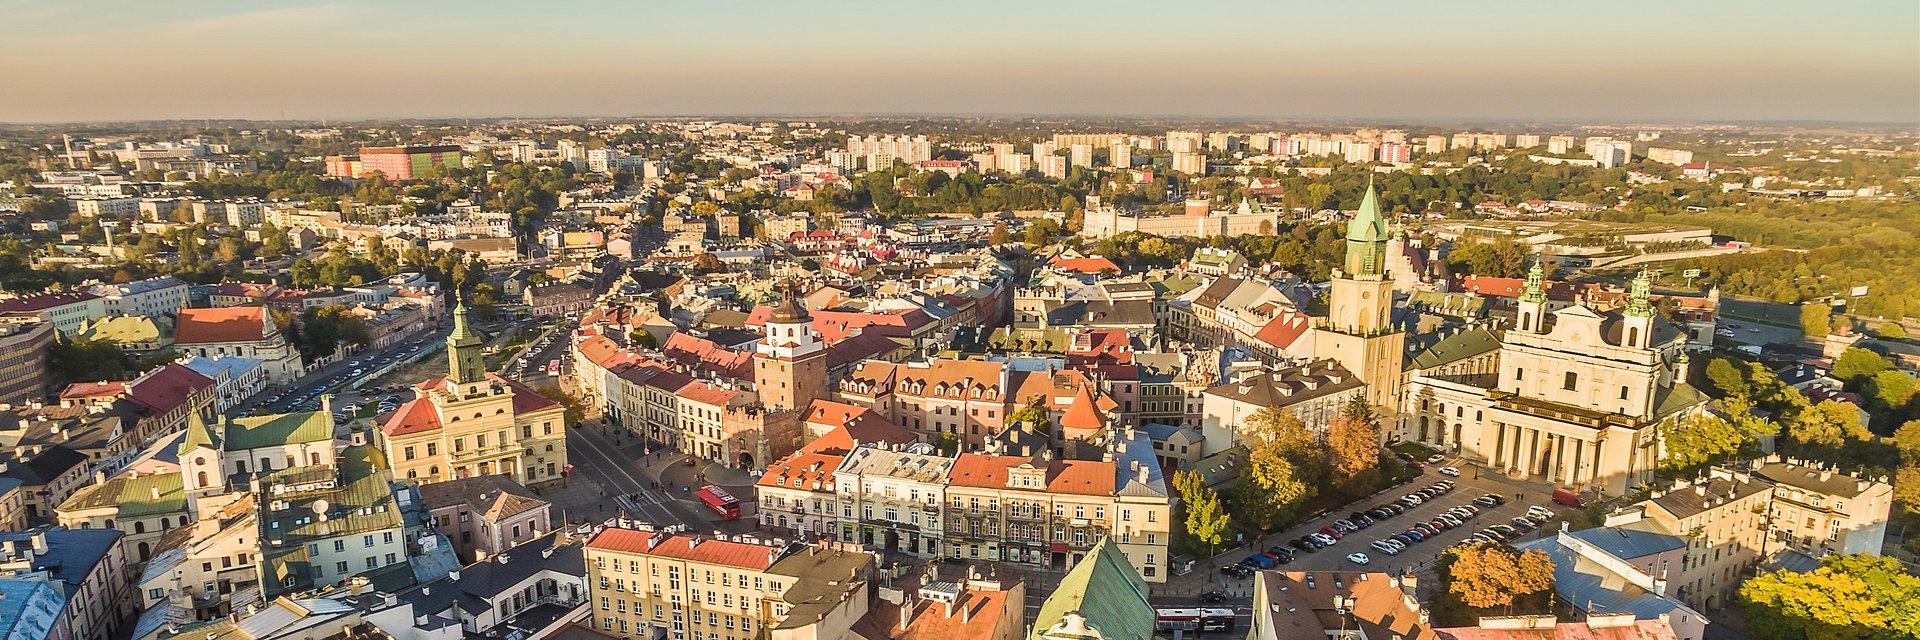 Inwestorzy wciąż zainteresowani polskim rynkiem